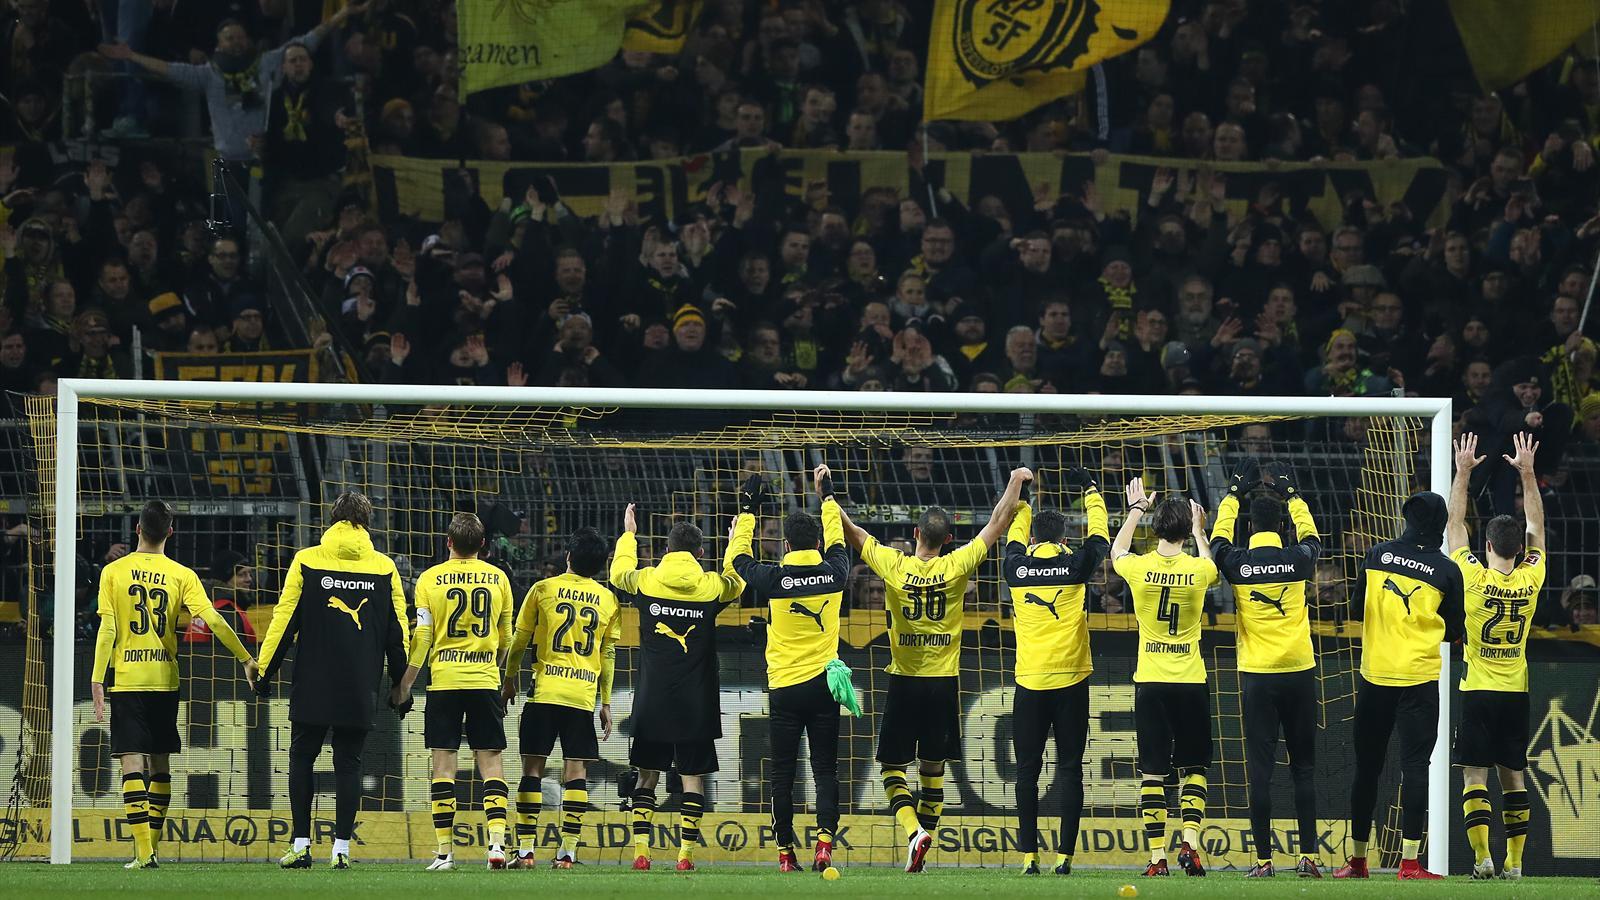 Allemagne / 17e journée: Dortmund gagne à domicile pour la première fois depuis septembre